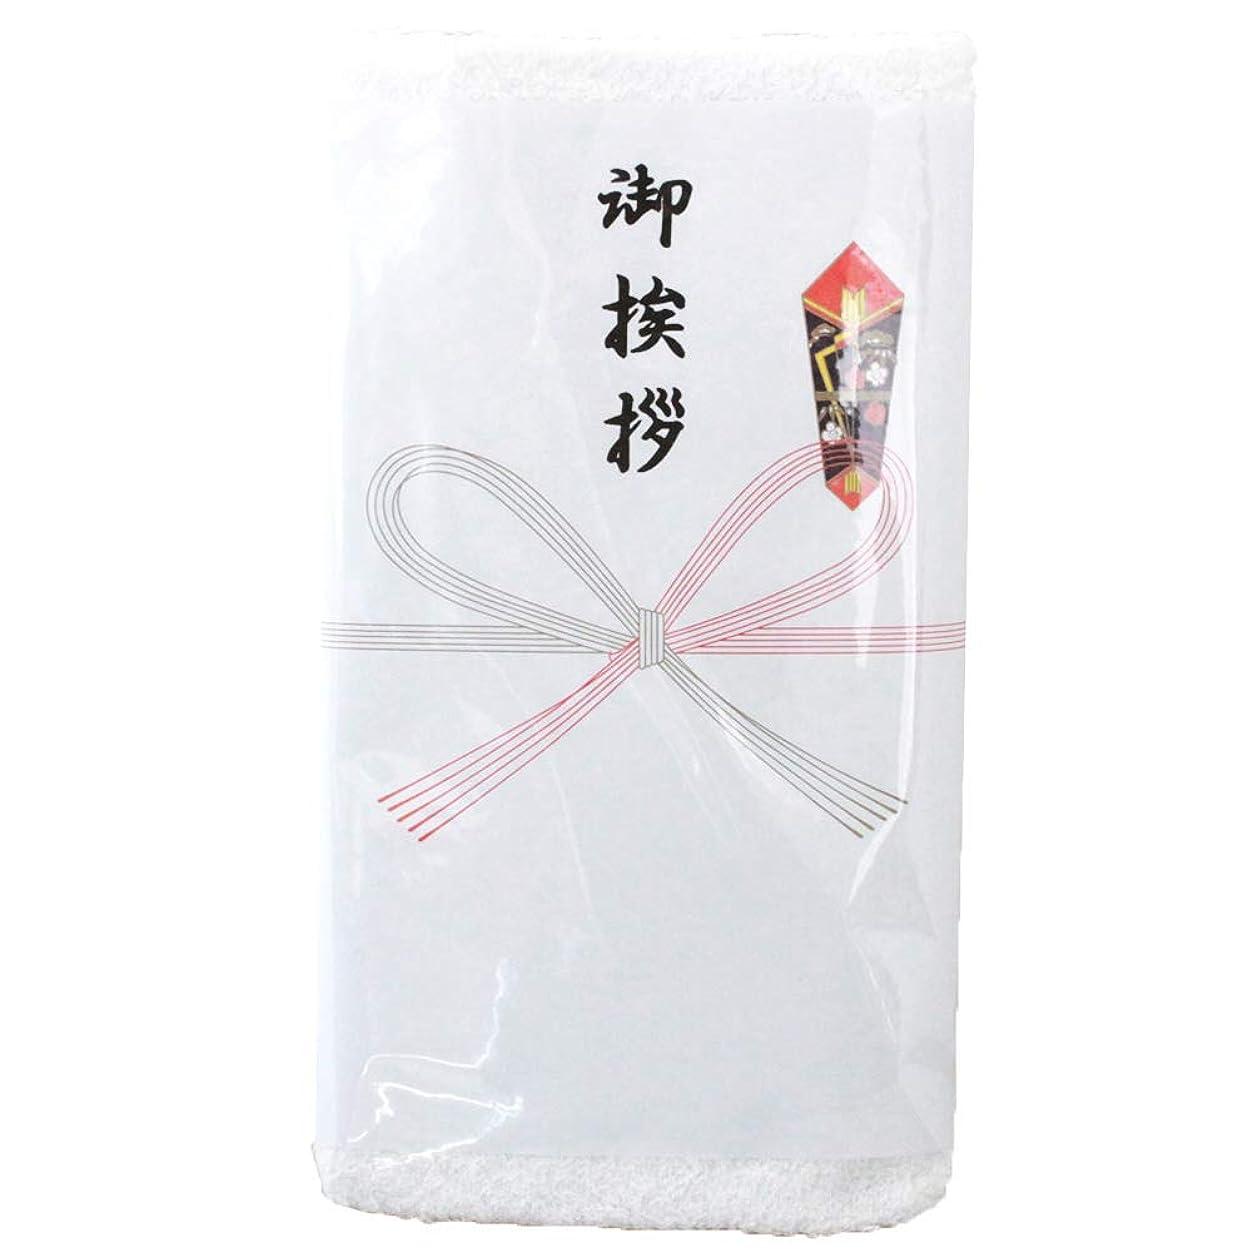 死んでいる郵便物メンタル山久 粗品タオル 中国産200匁 のし付き(名入れ無し)タオル 50枚セット のし:【ご挨拶】